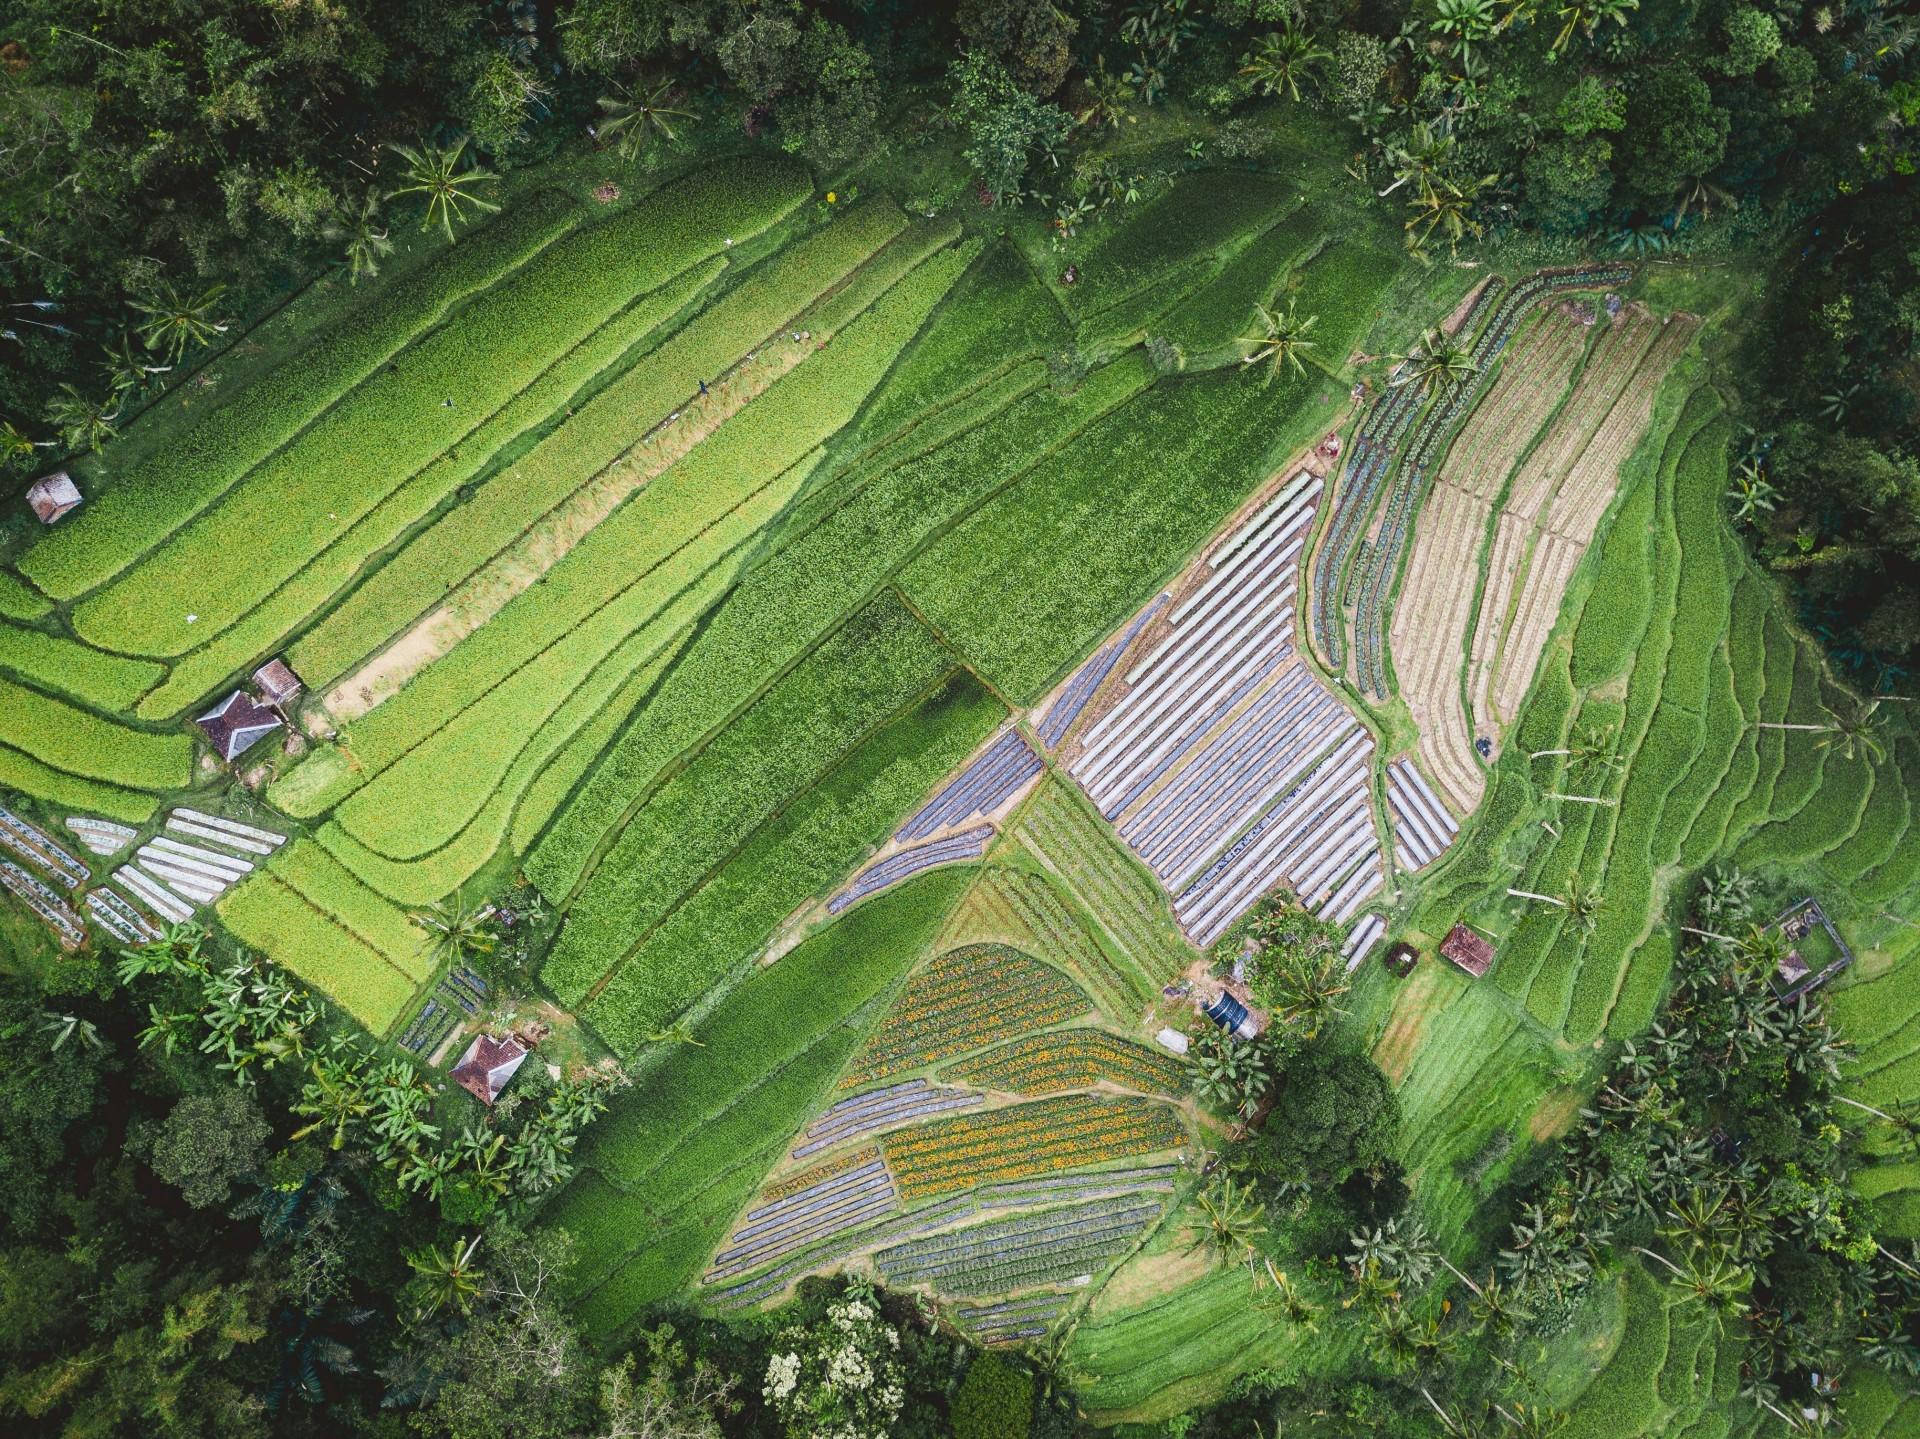 Ny rapport: Bærekraftige matsystemer i klimaendringenes tid